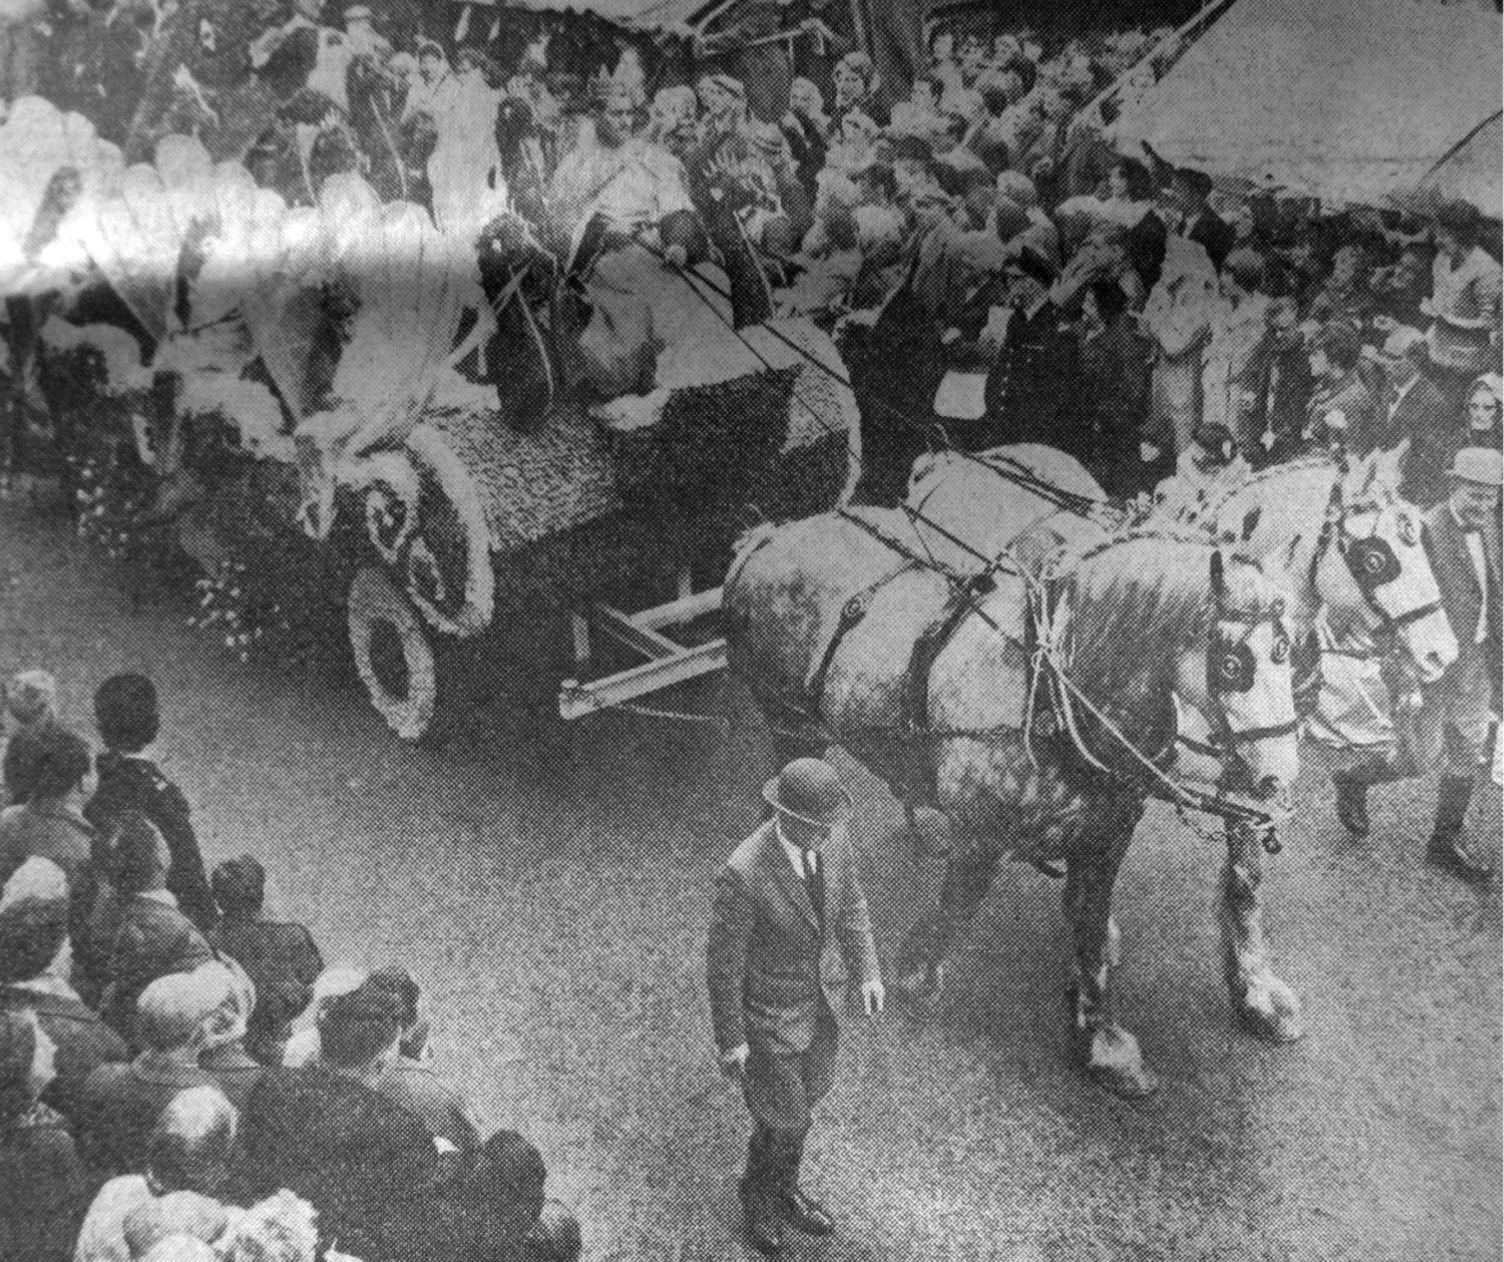 West Pinchbeck Float, Spalding Flower Parade 1965